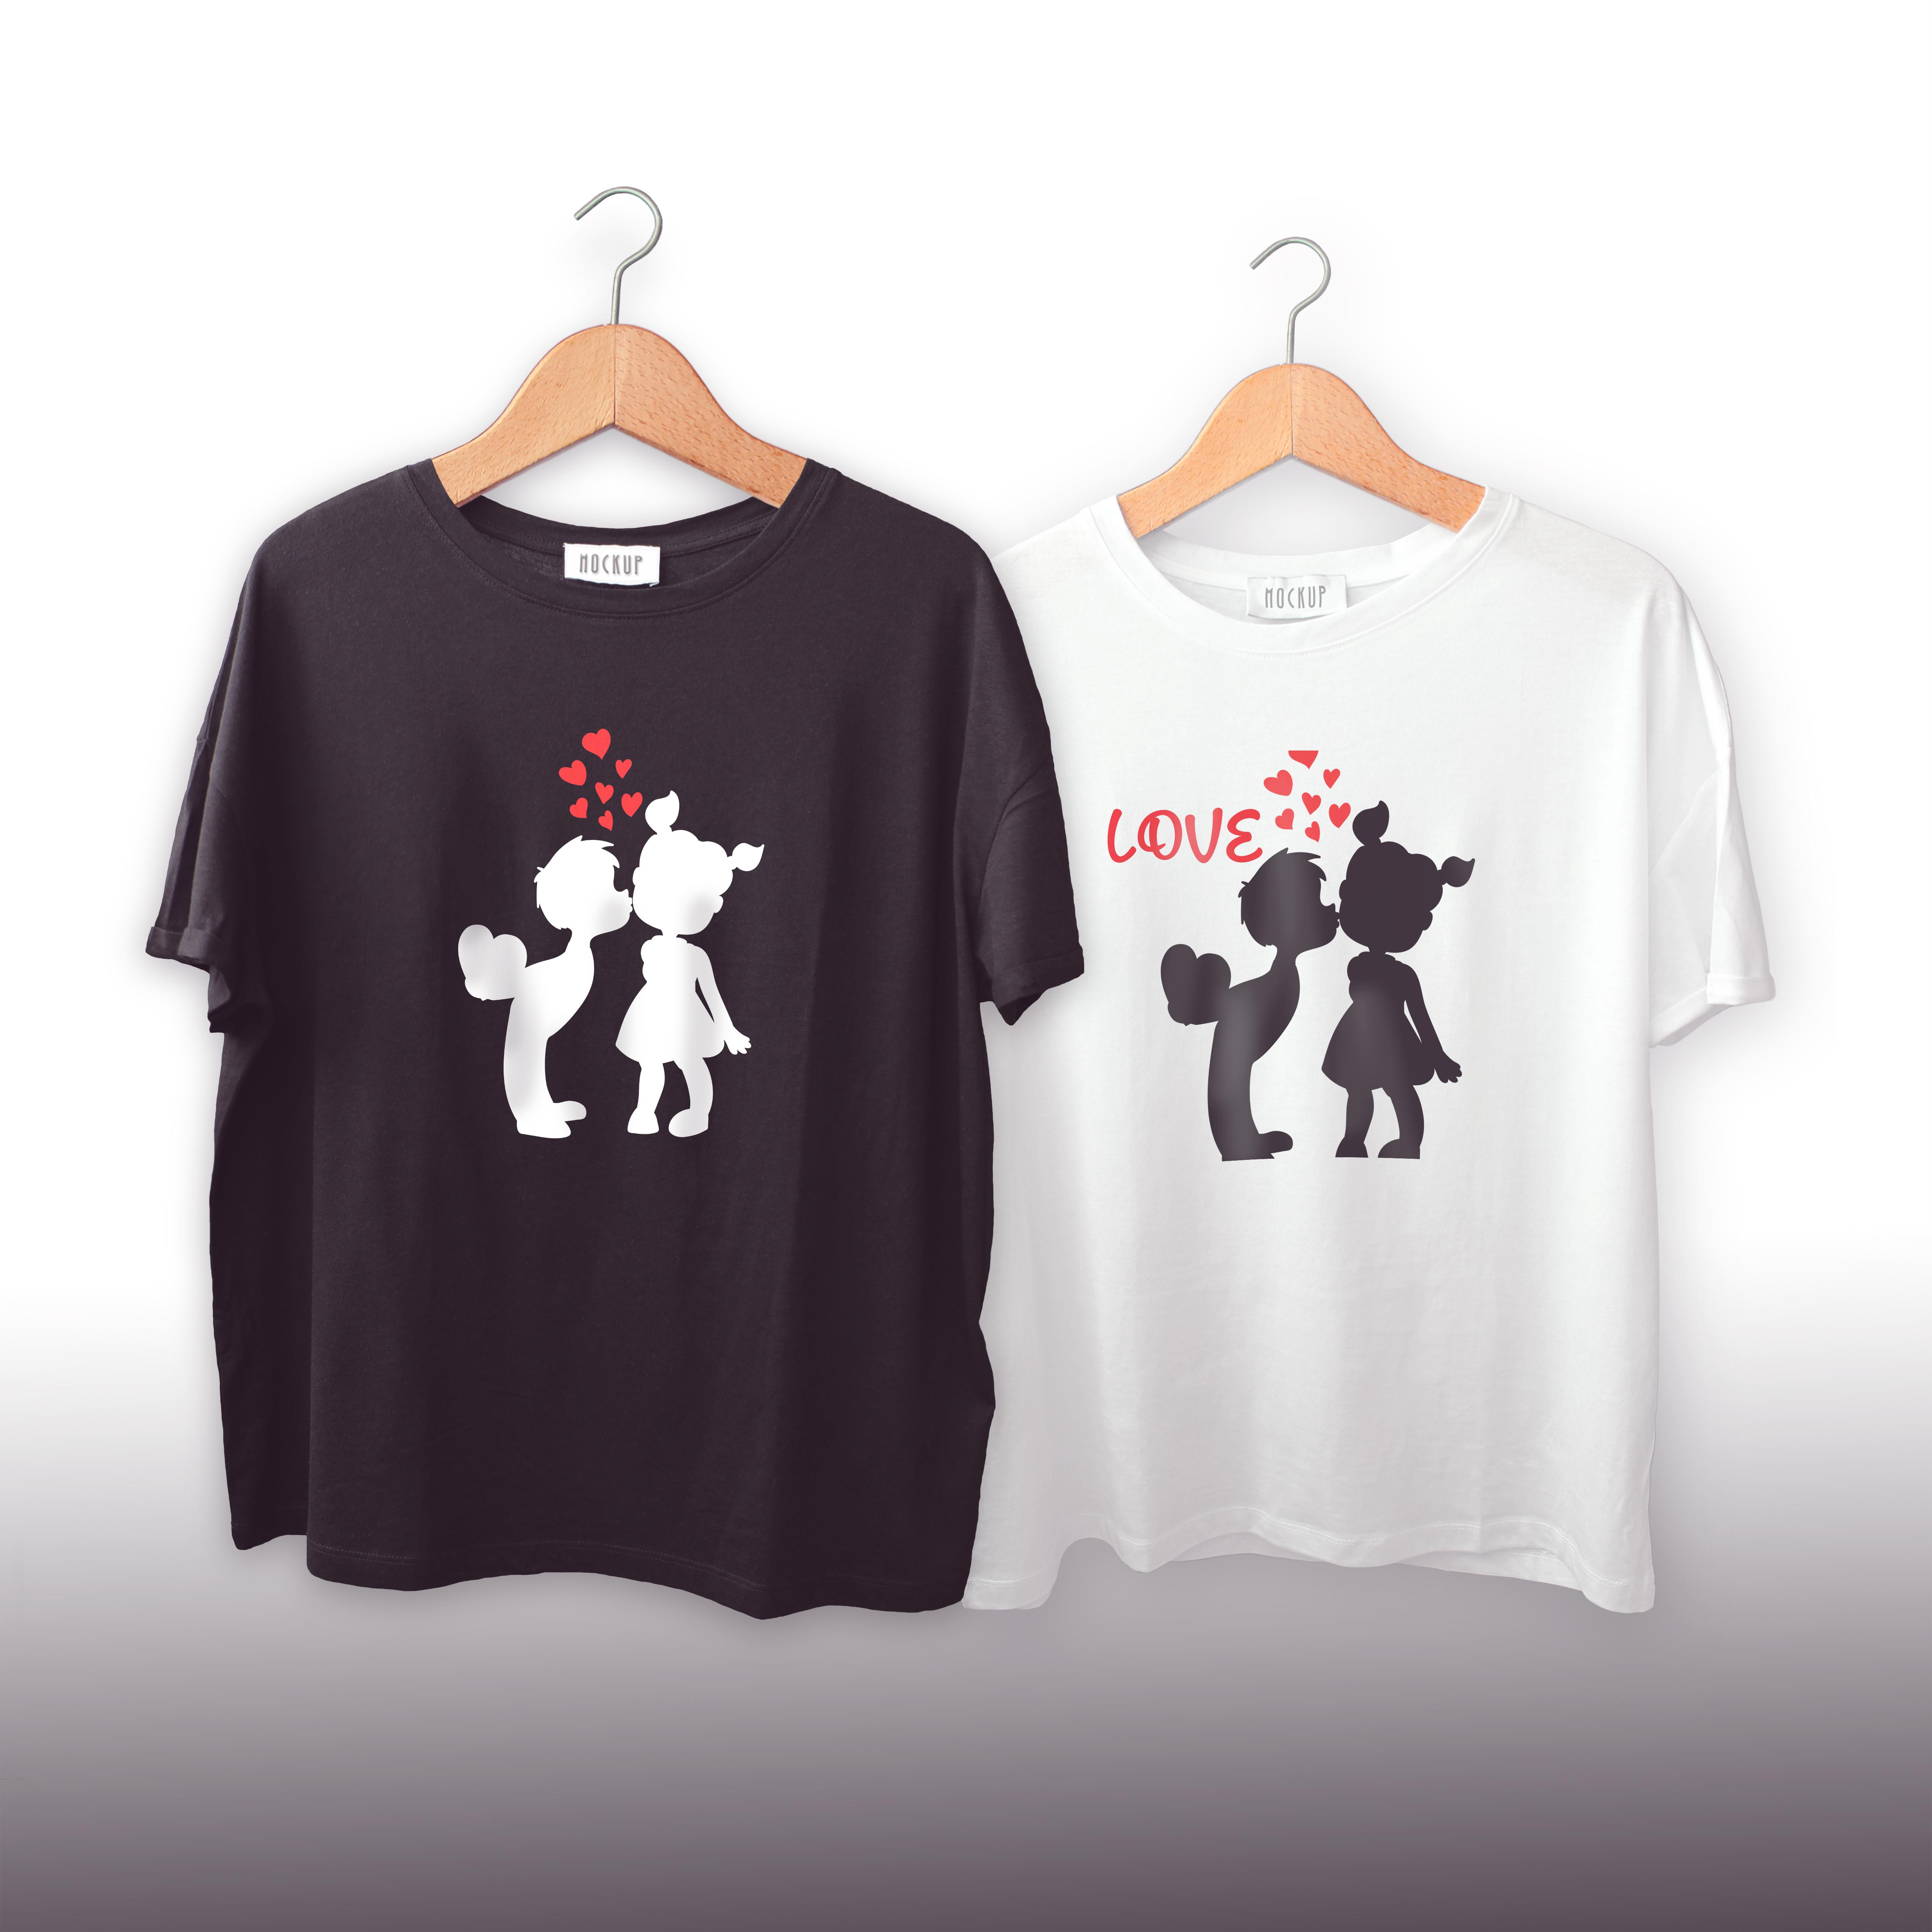 I will create unique, minimal T-shirt design